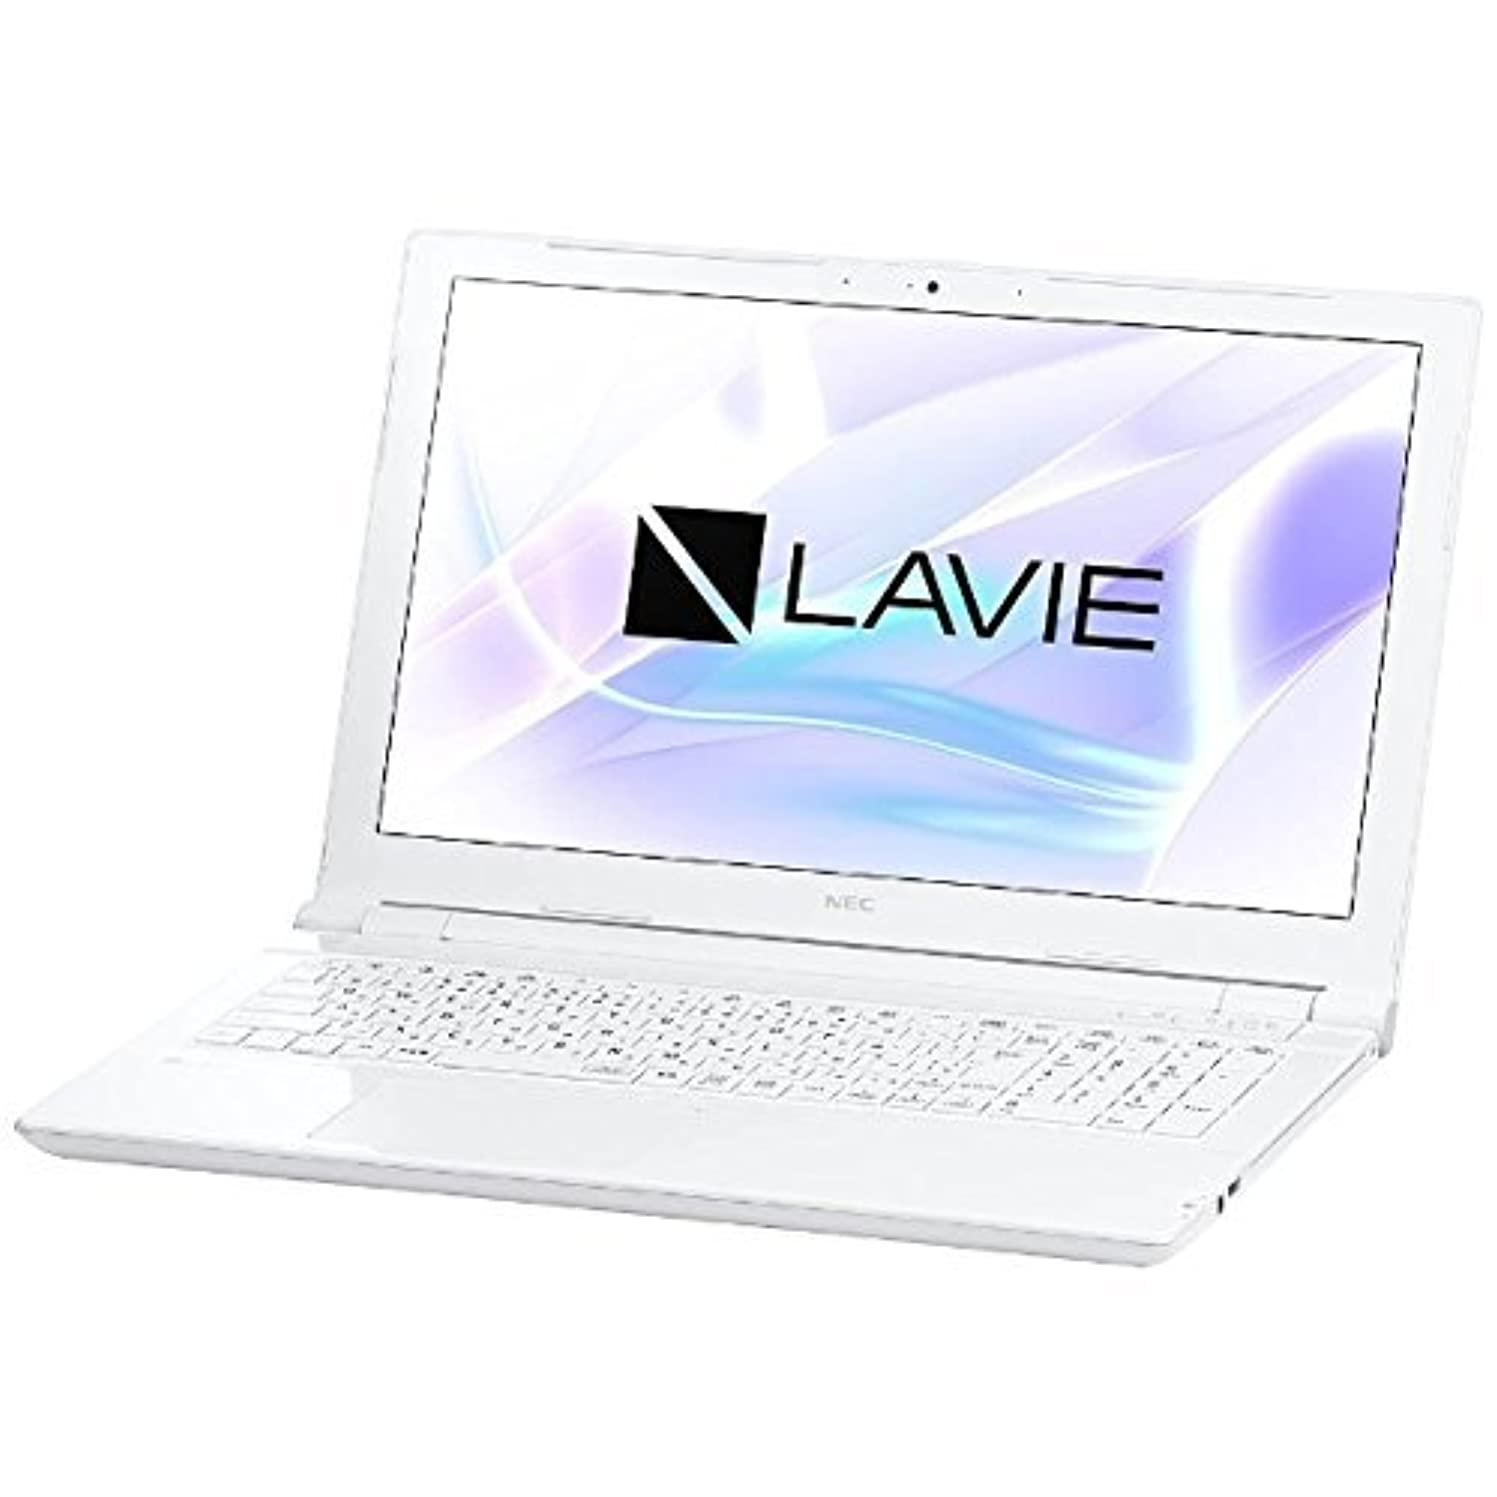 テザー提出する気体のNEC 15.6型ノートPC [Office付き?Win10 Home?Core i3] LAVIE Note Standard エクストラホワイト PC-NS300HAW